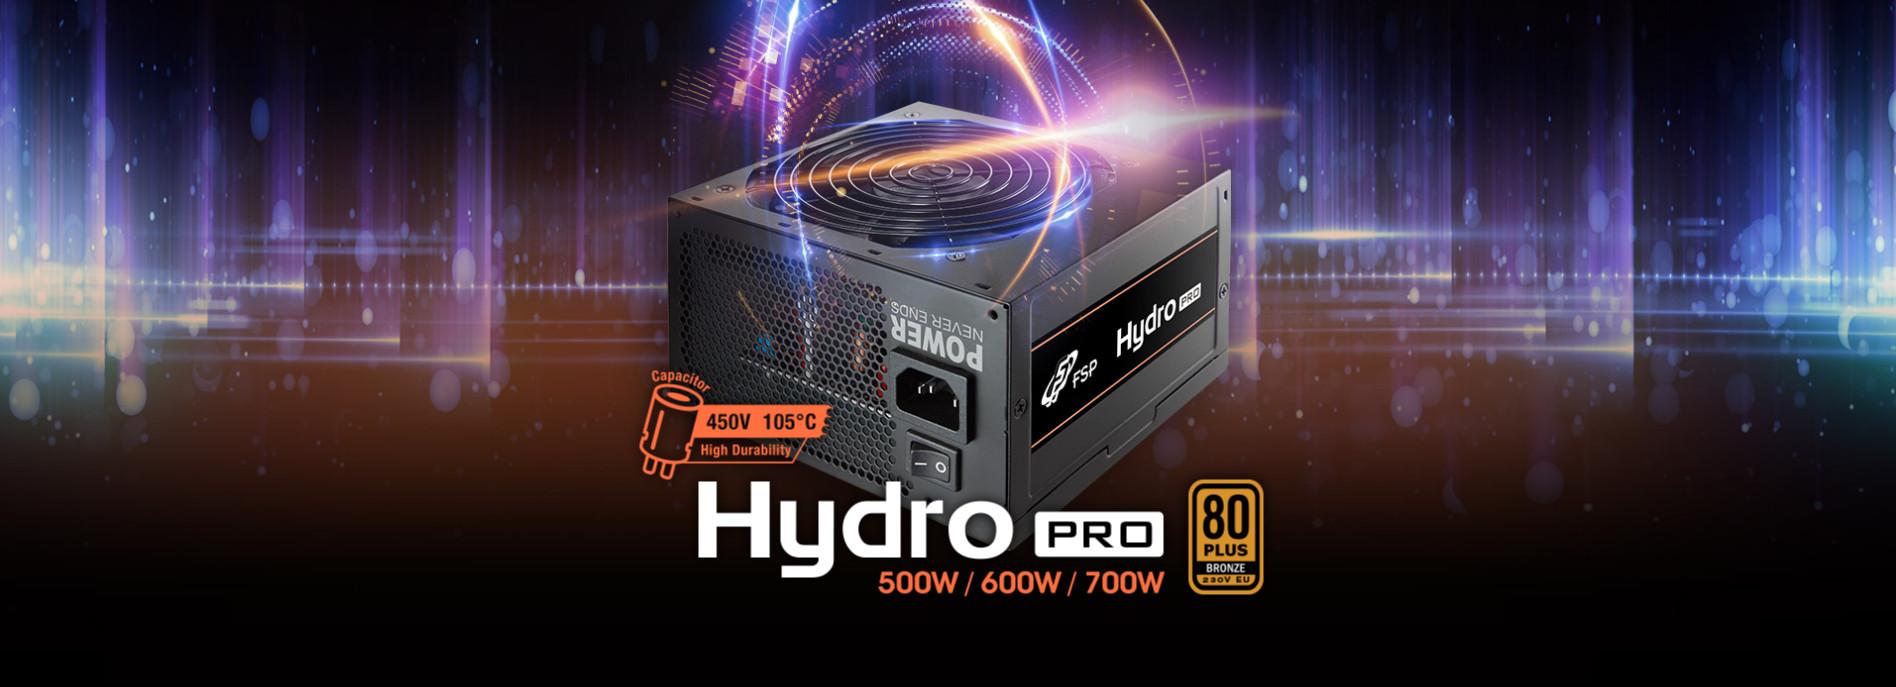 Nguồn FSP HYDRO PRO Series HP2-700  PPA7004304 (80 Plus Bronze/Màu Đen) giới thiệu